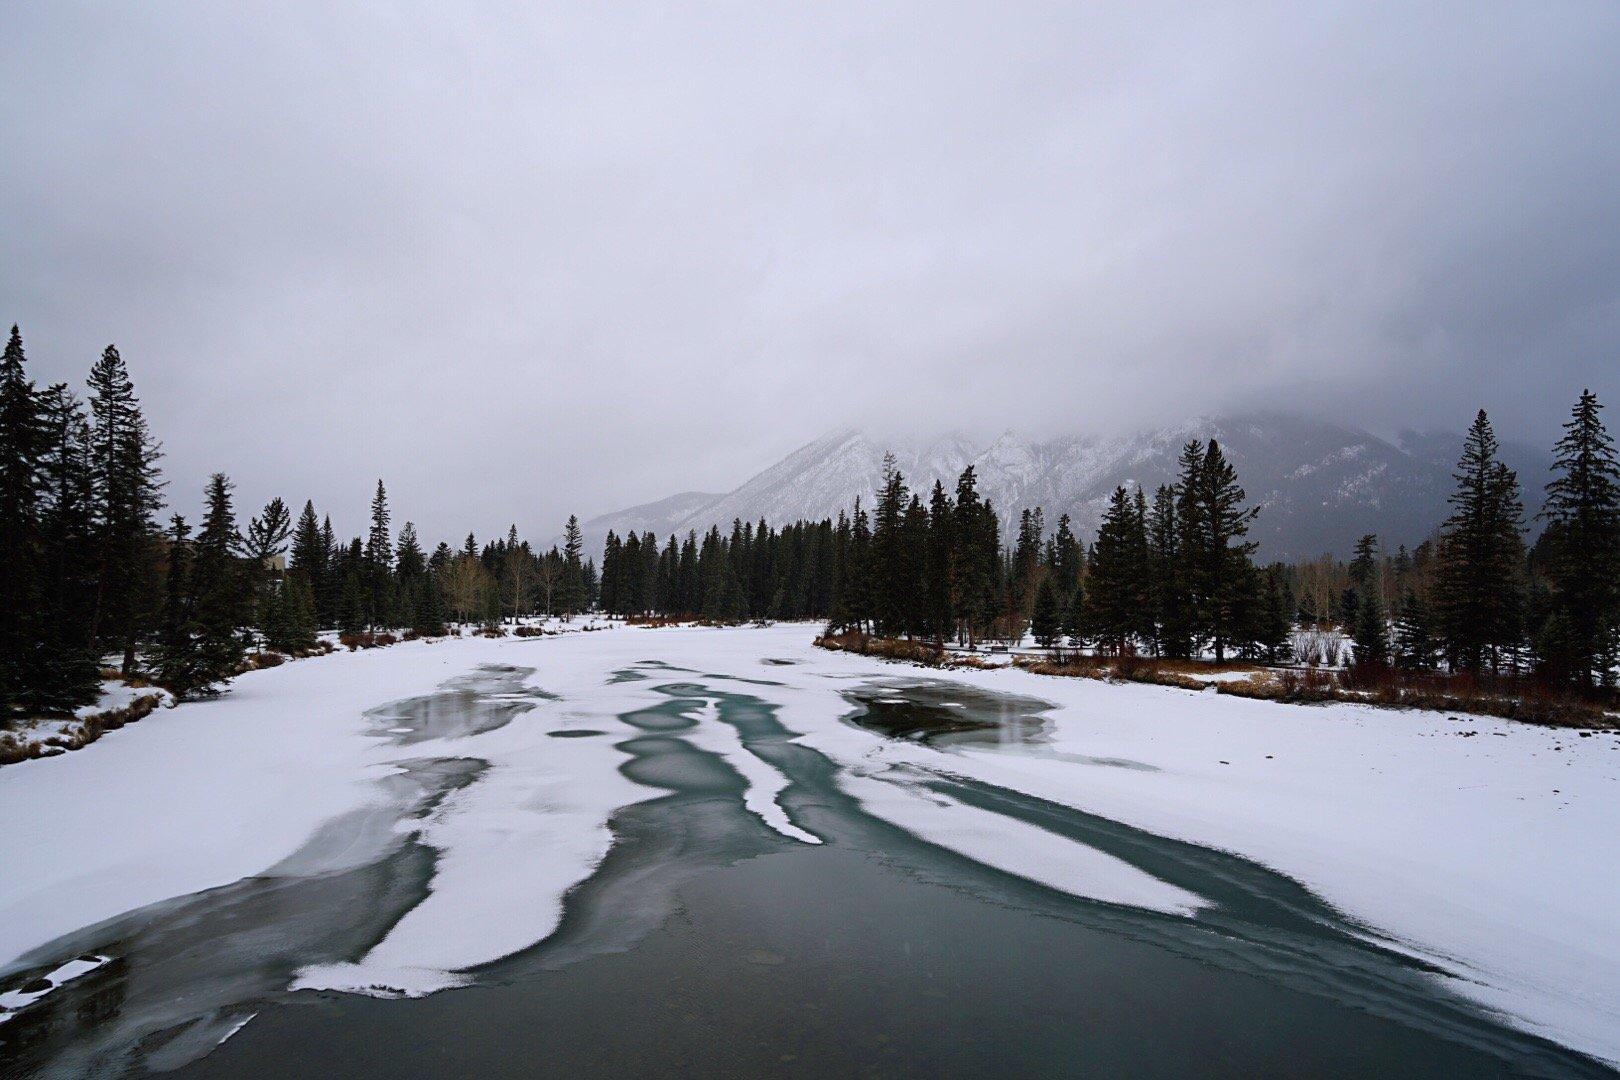 大雪封路,前往贾斯珀的行程改为游览班夫小镇。乌云密布,漫天风雪